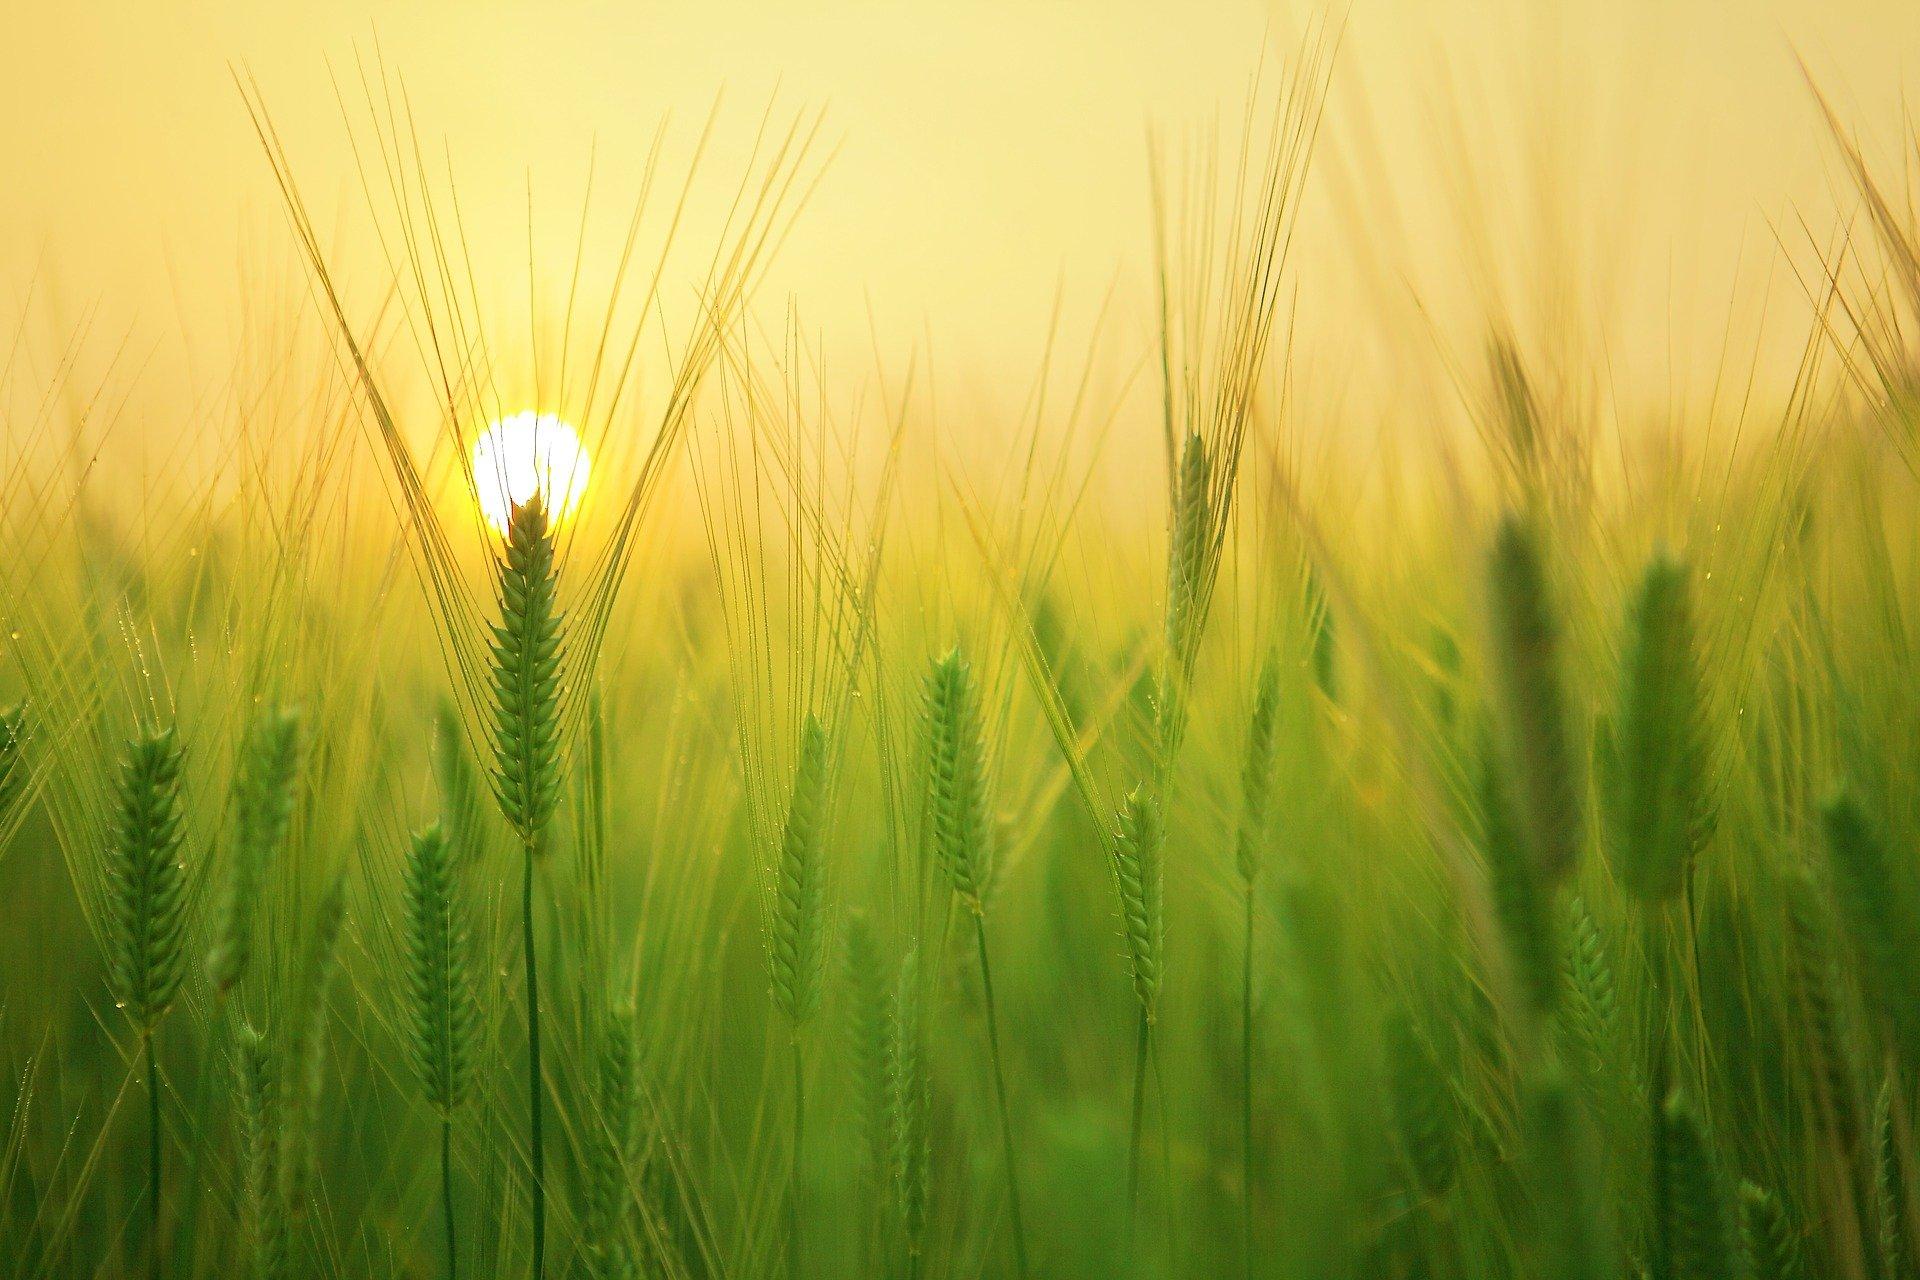 Pénurie de blé dur : augmentation des prix